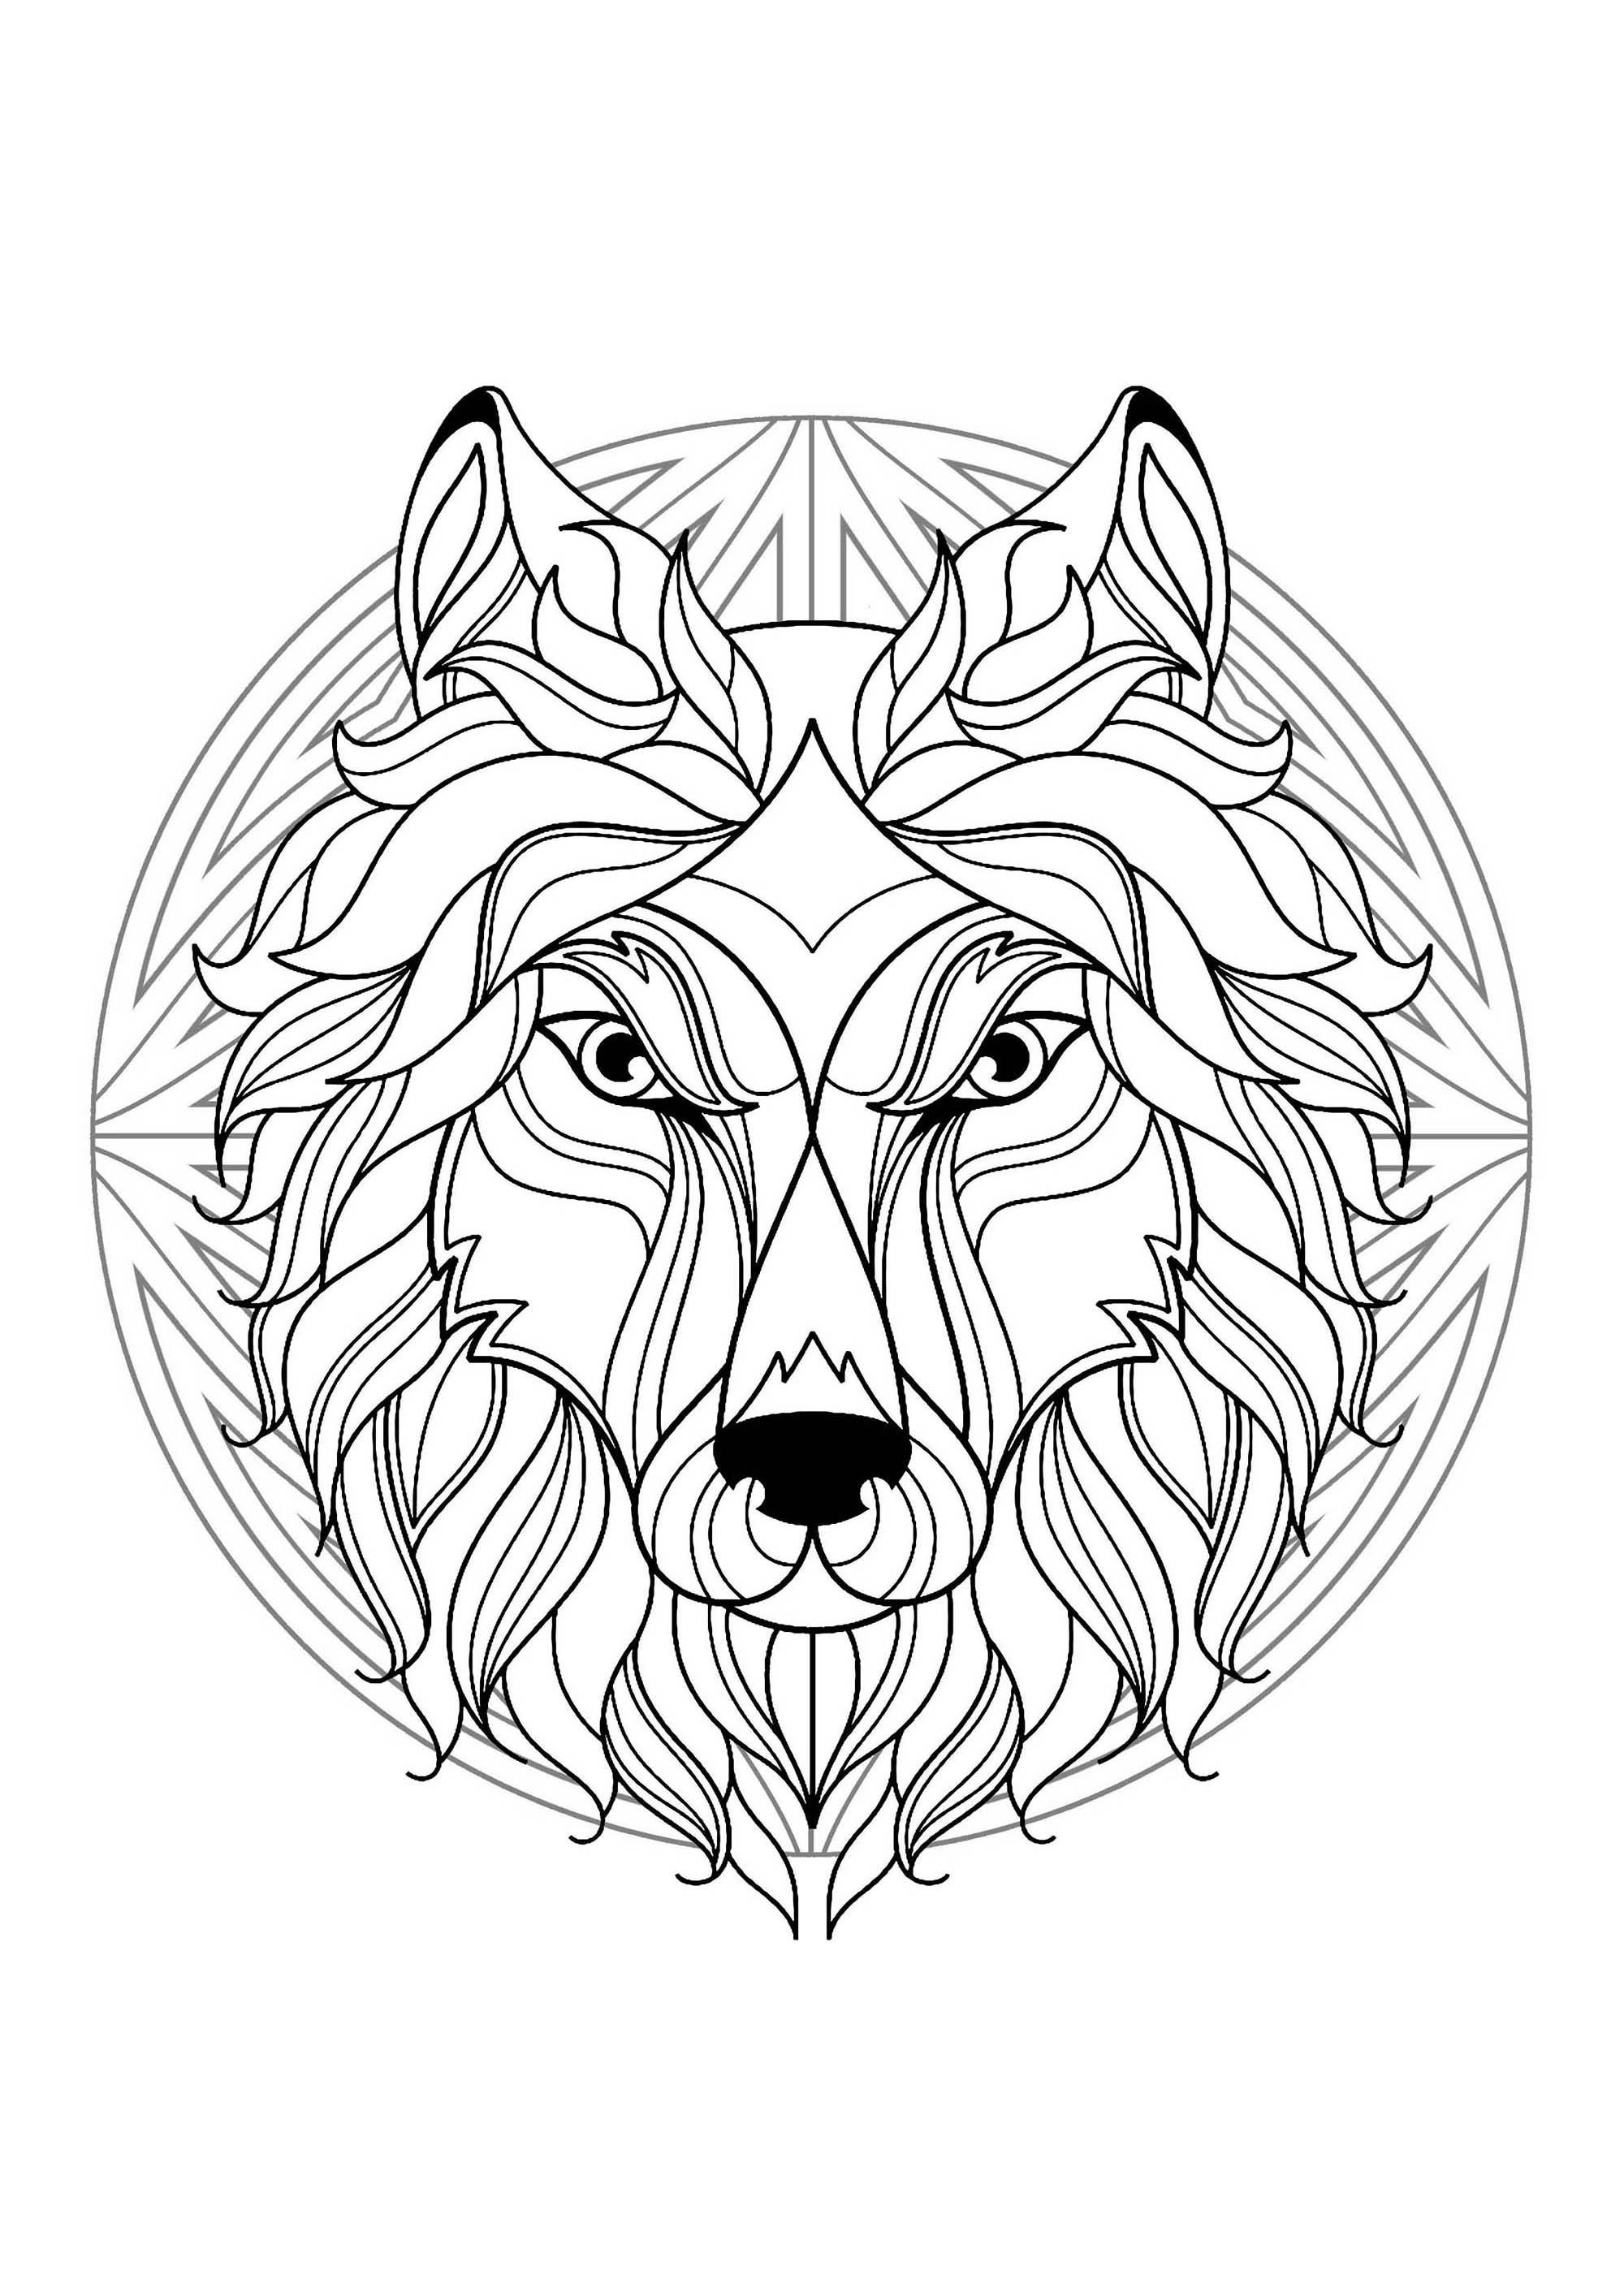 Mandala tete loup 1 mandalas coloriages difficiles - Coloriage de loup ...